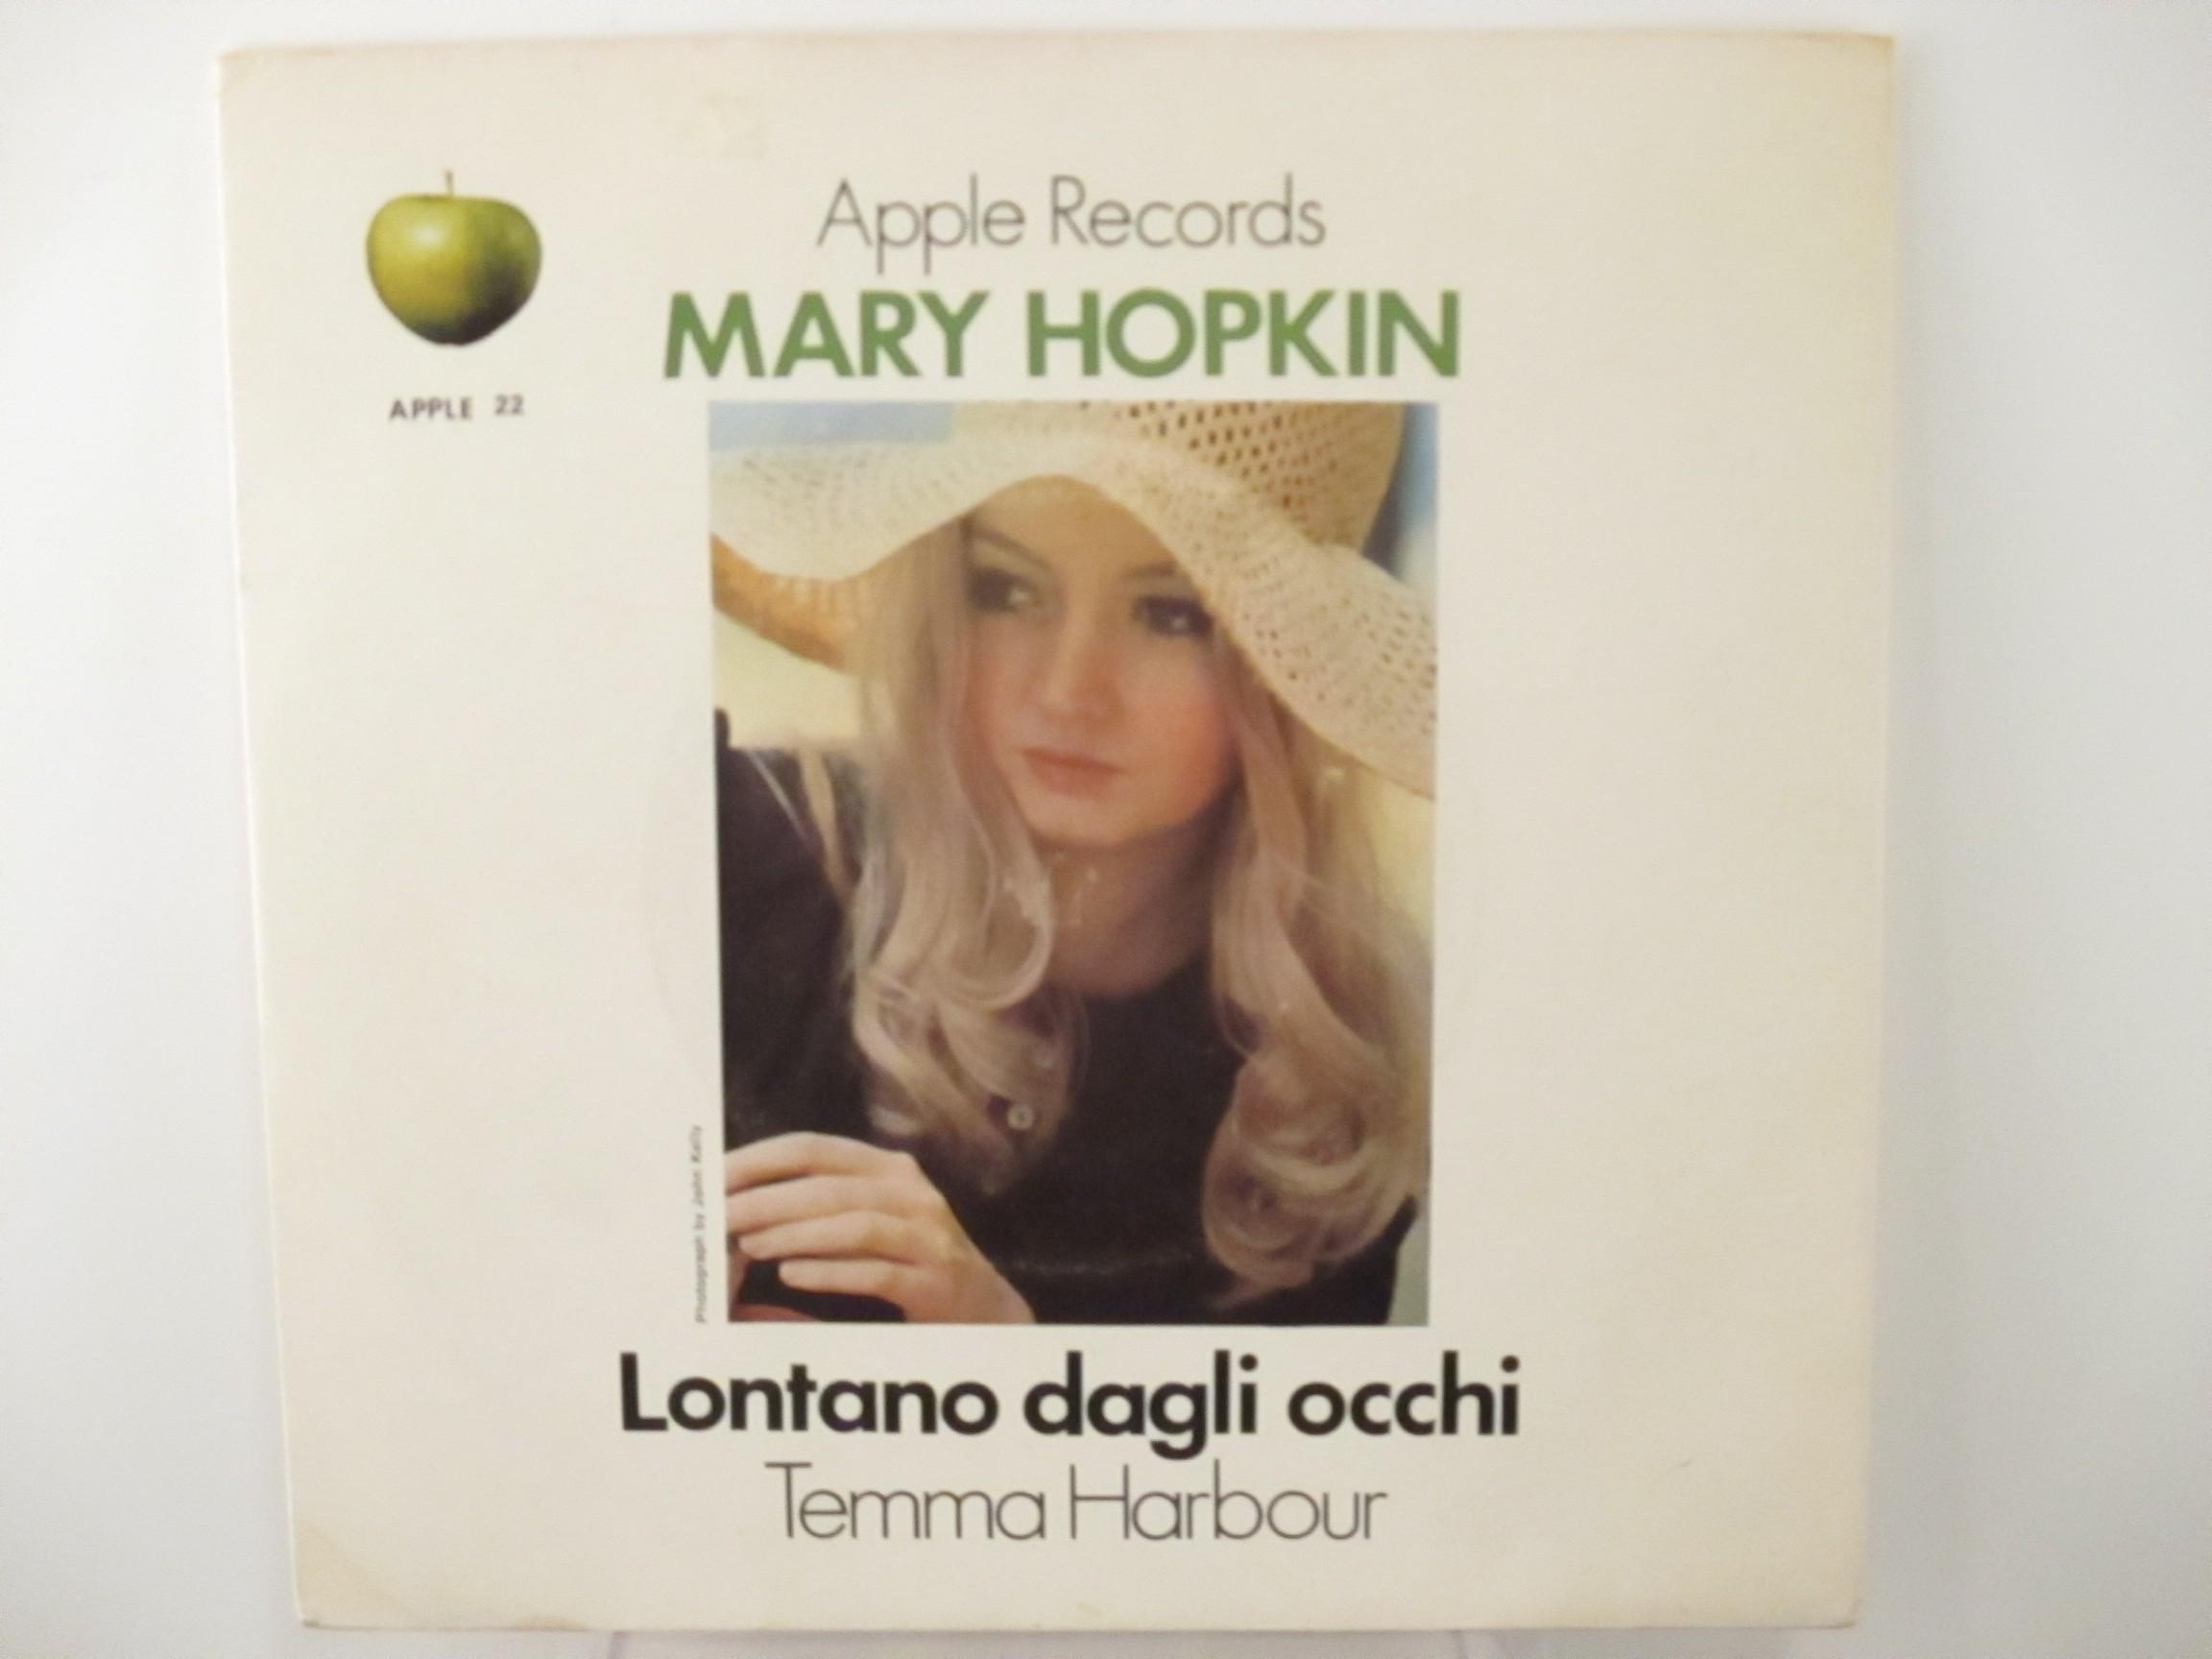 MARY HOPKIN : Temma harbour / Lontano dagli occhi